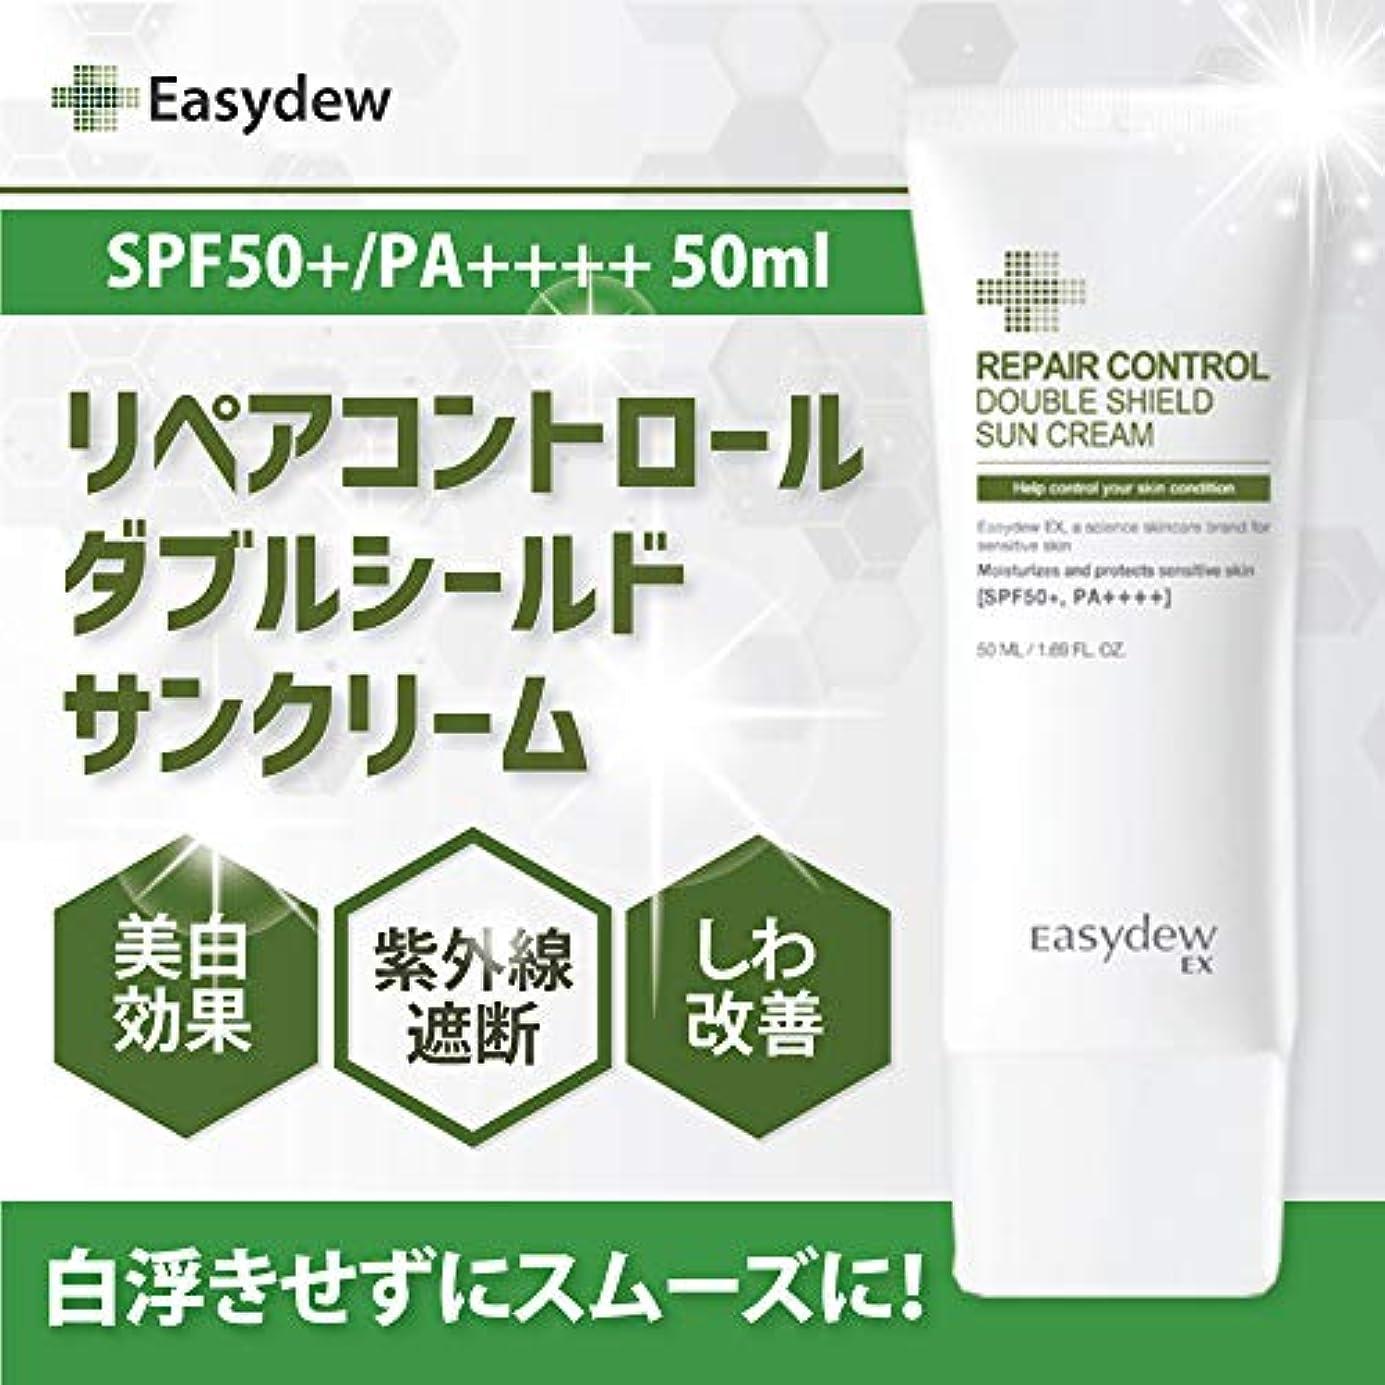 保守可能探す貨物デウン製薬 リペア コントロール ダブル シールド サン?クリーム SPF50+/PA++++ 50ml. Repair Control Double Shild Sun Cream SPF50+/PA++++ 50ml.